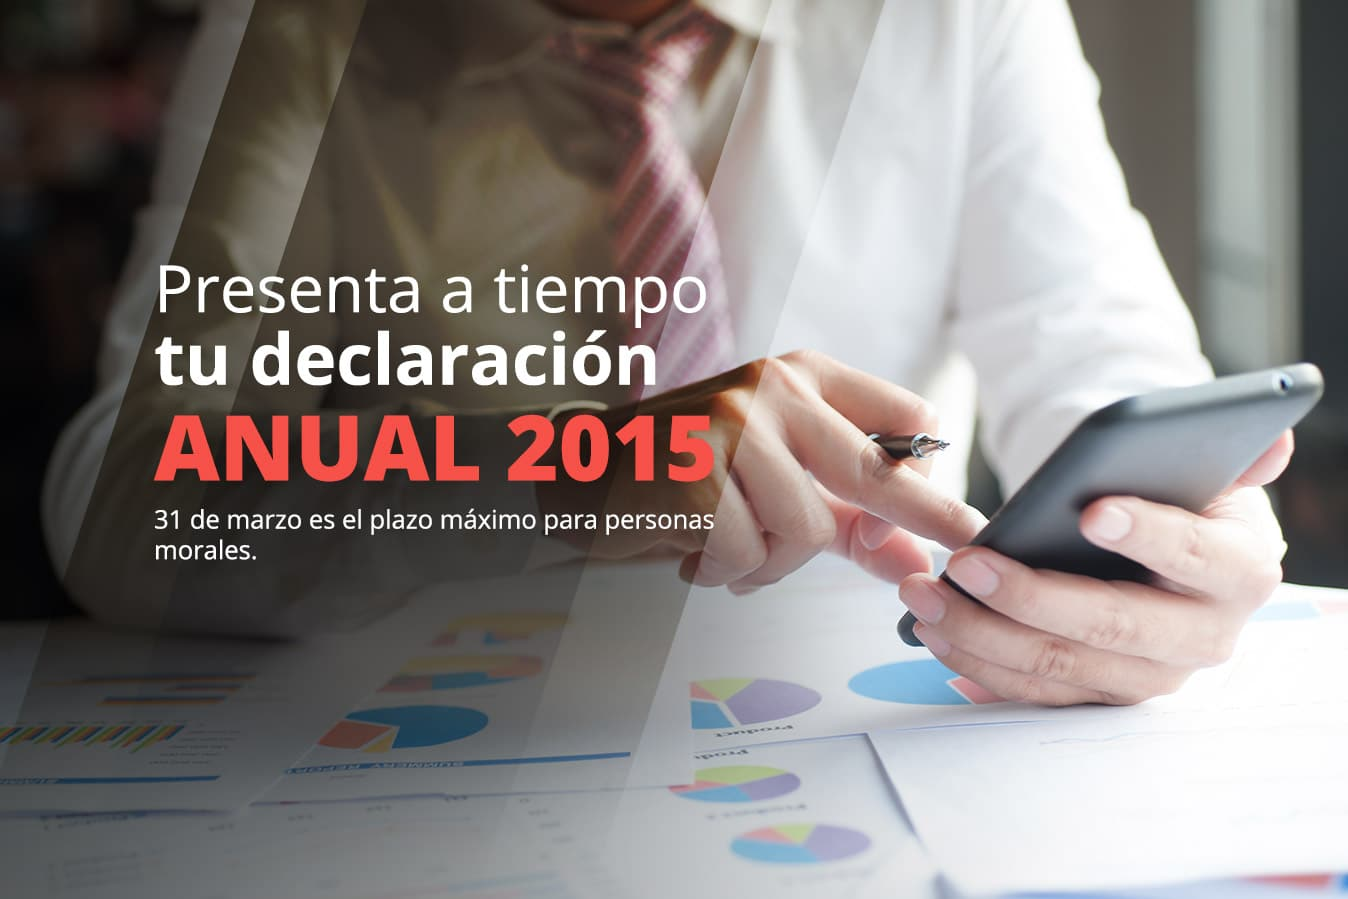 Recuerda que la fecha límite será el 31 de Marzo, presenta tu declaración de impuestos